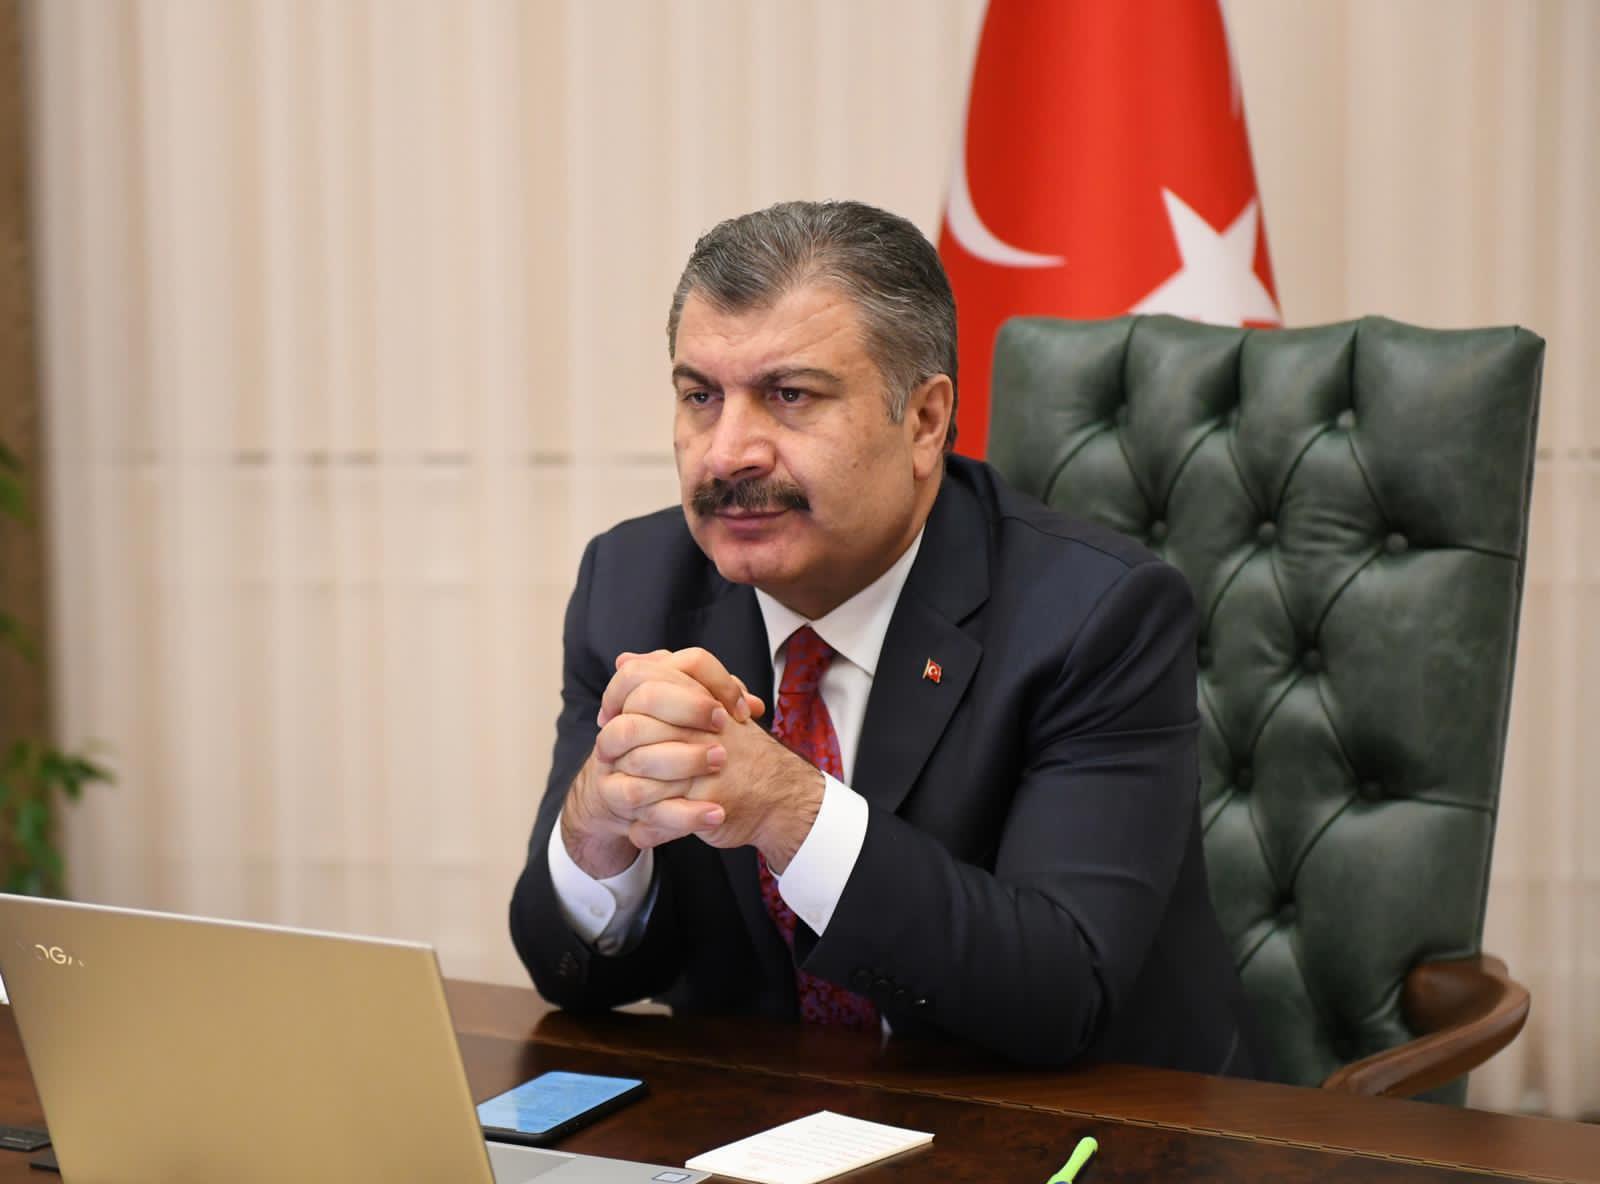 Sağlık Bakanı Koca: Korona virüsü aşısı sonuçları anlık ve canlı olarak paylaşılacaktır